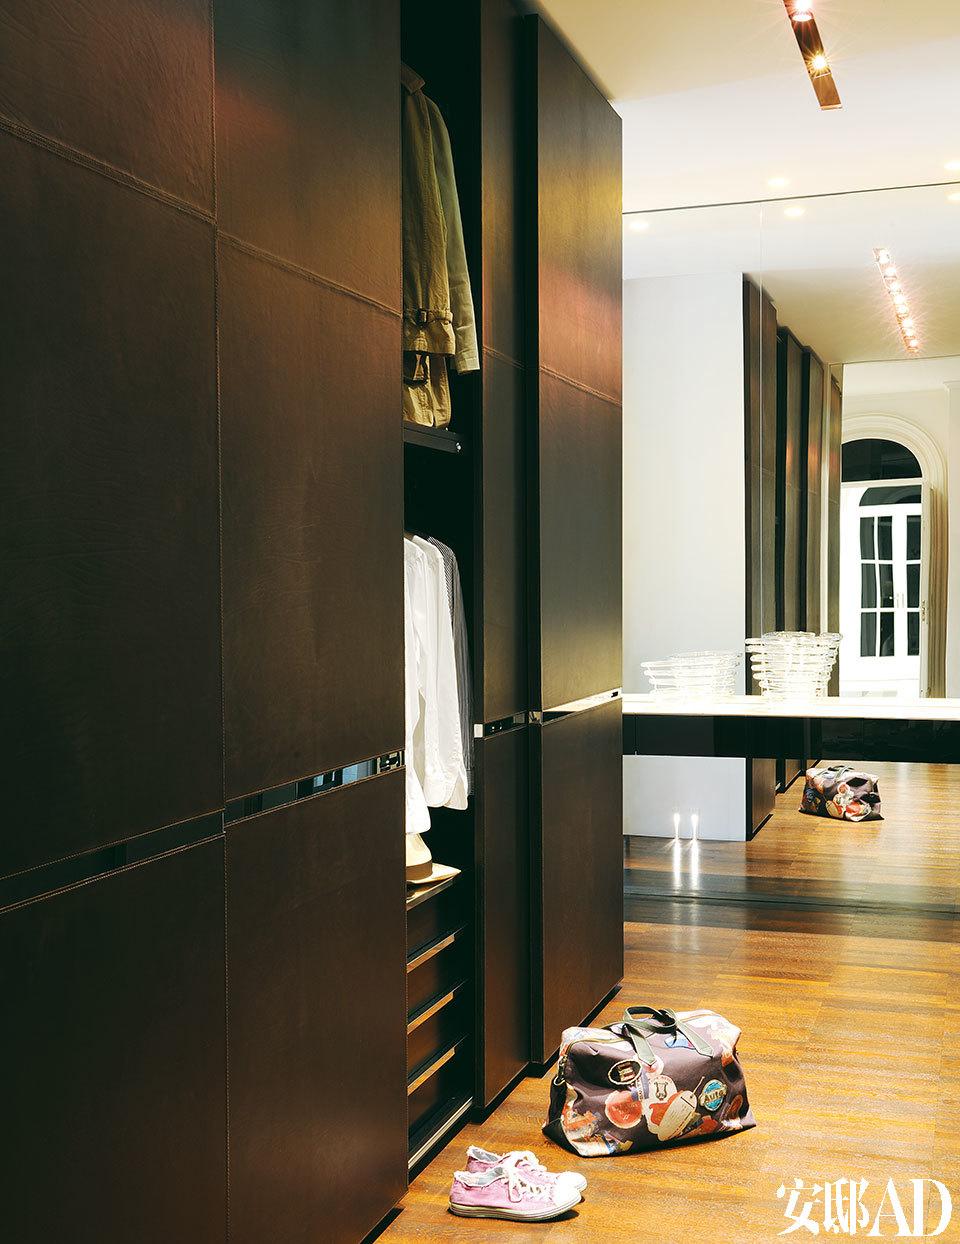 更衣室内的橱柜都是Luca亲自设计的定制产品,最大程度地保证了家里的整洁度和舒适性。